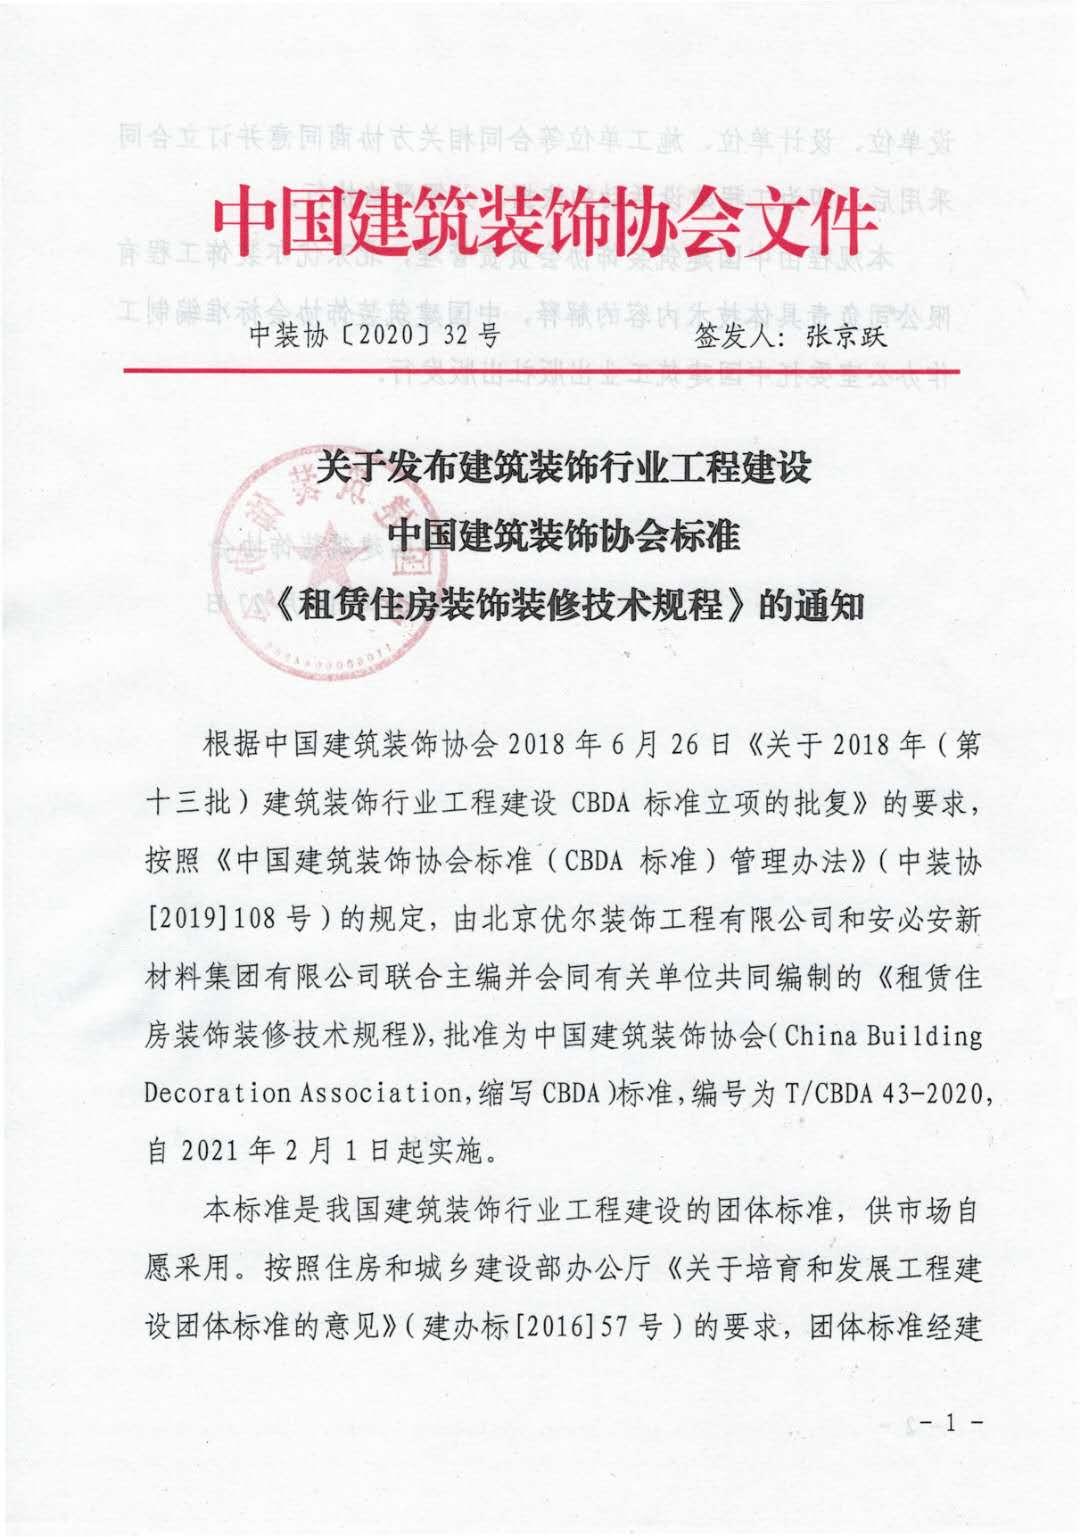 安必安主編的《租賃住房裝飾裝修技術規程》于2021年2月1日起實施!